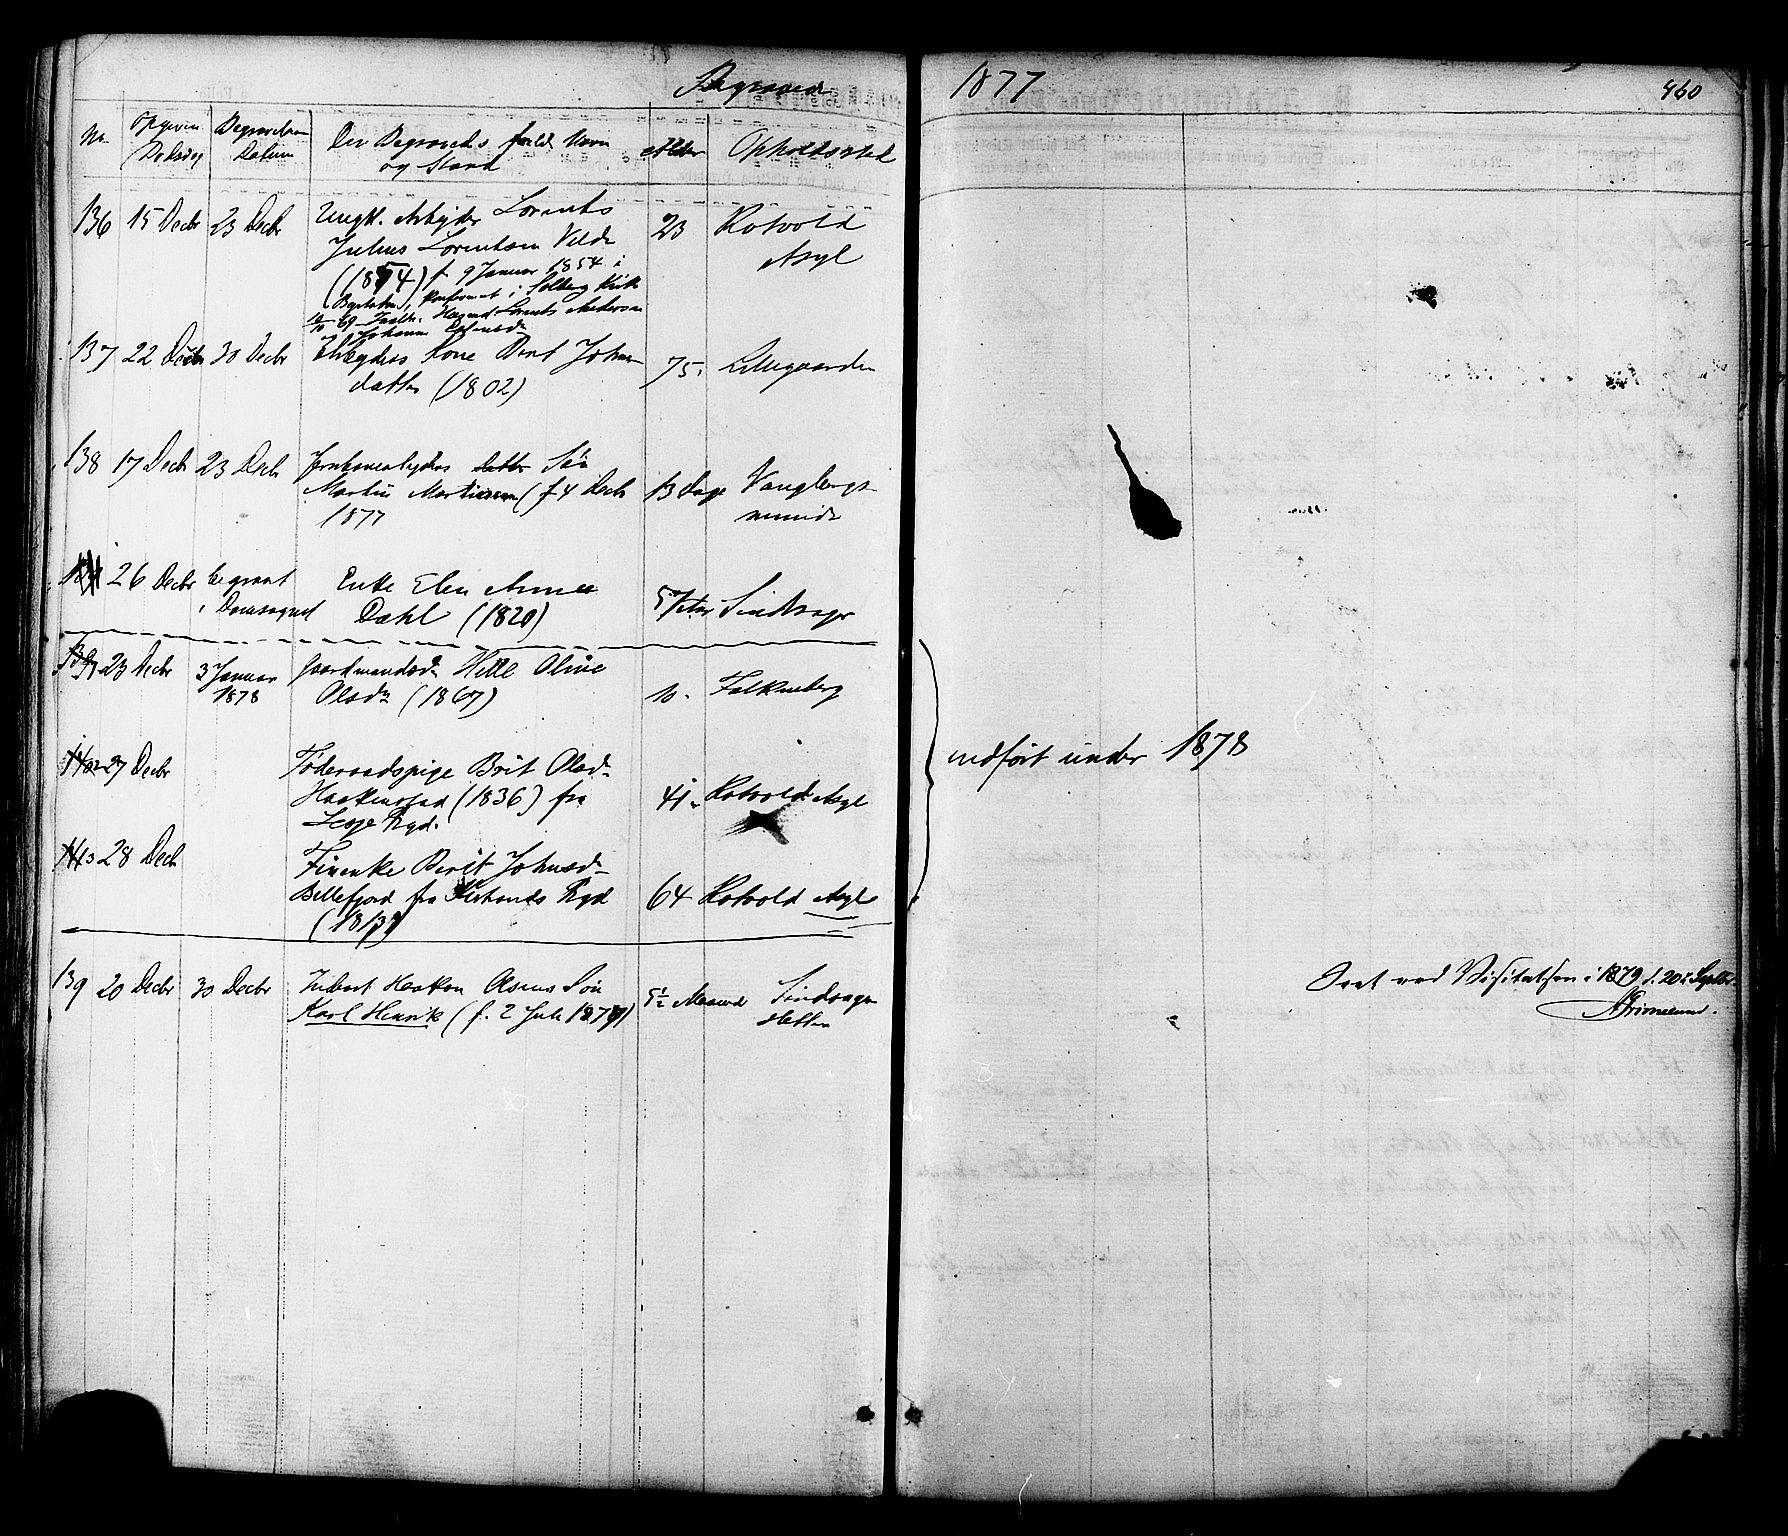 SAT, Ministerialprotokoller, klokkerbøker og fødselsregistre - Sør-Trøndelag, 606/L0293: Ministerialbok nr. 606A08, 1866-1877, s. 460